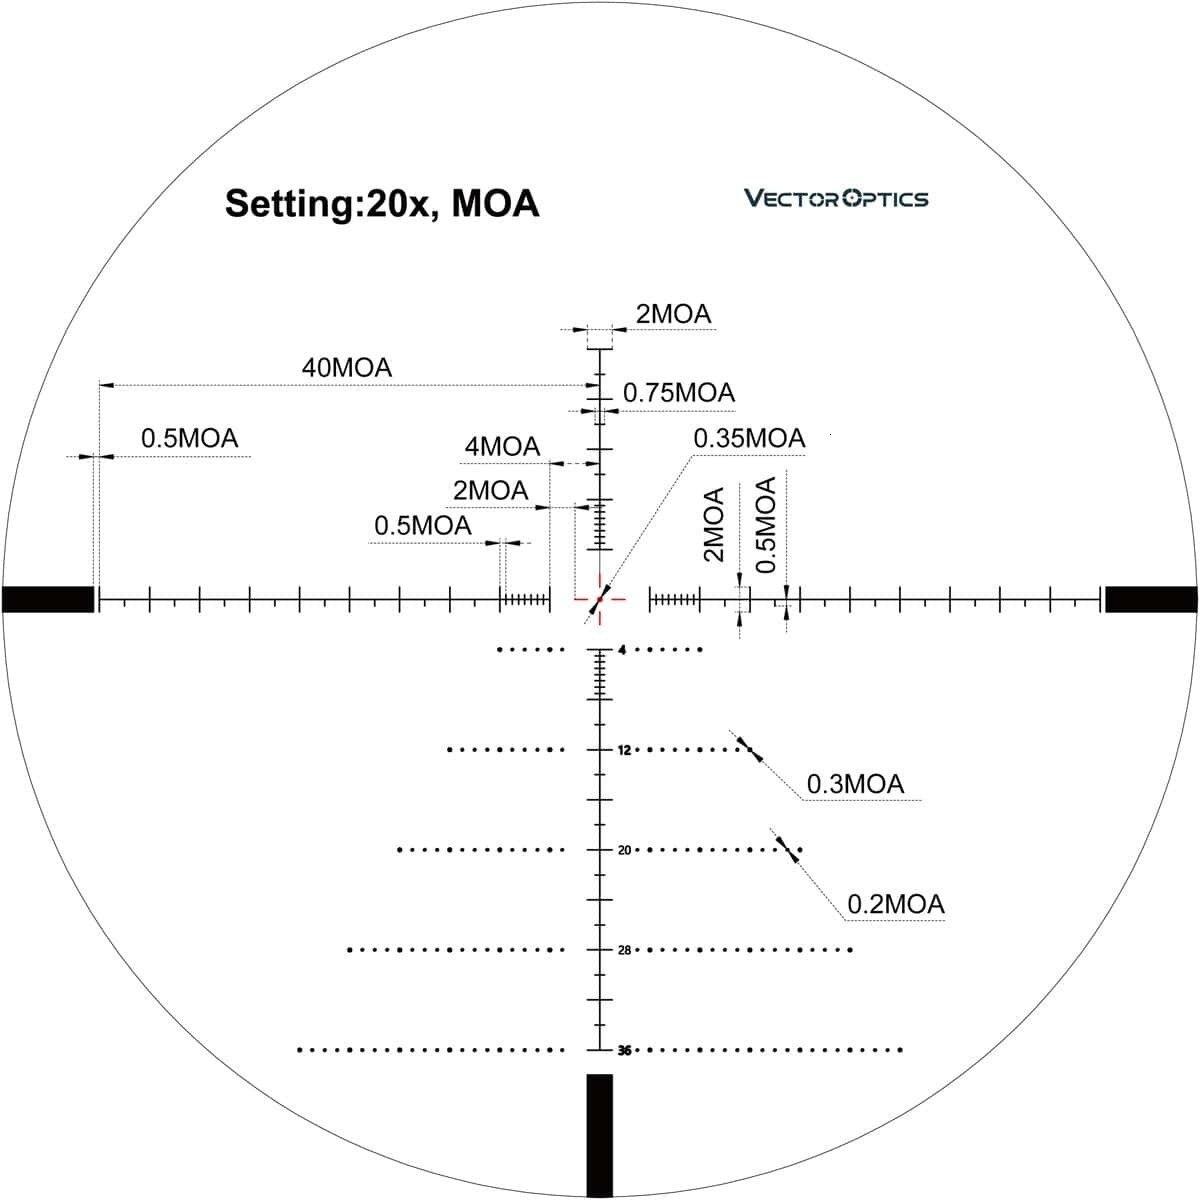 Óptica do vetor tourex 6-24x50 ffp iluminação